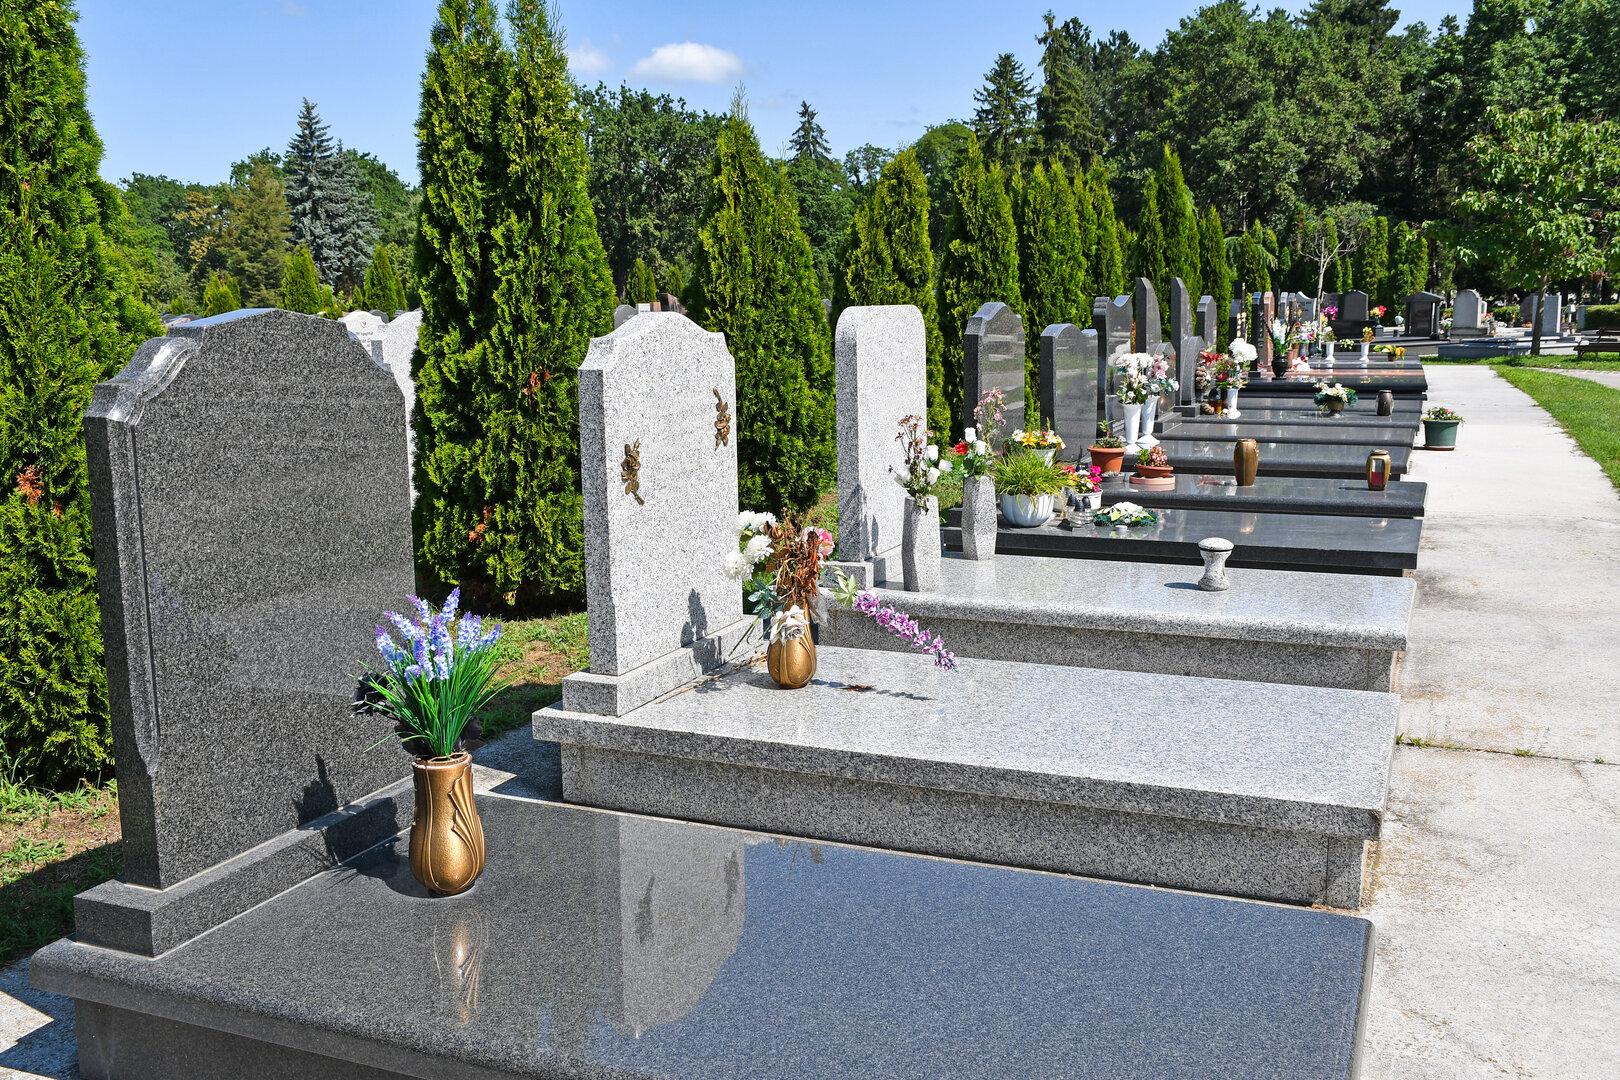 Cemitério com campas em pedra com jarros de flores. Ciprestes e outras árvores em segundo plano